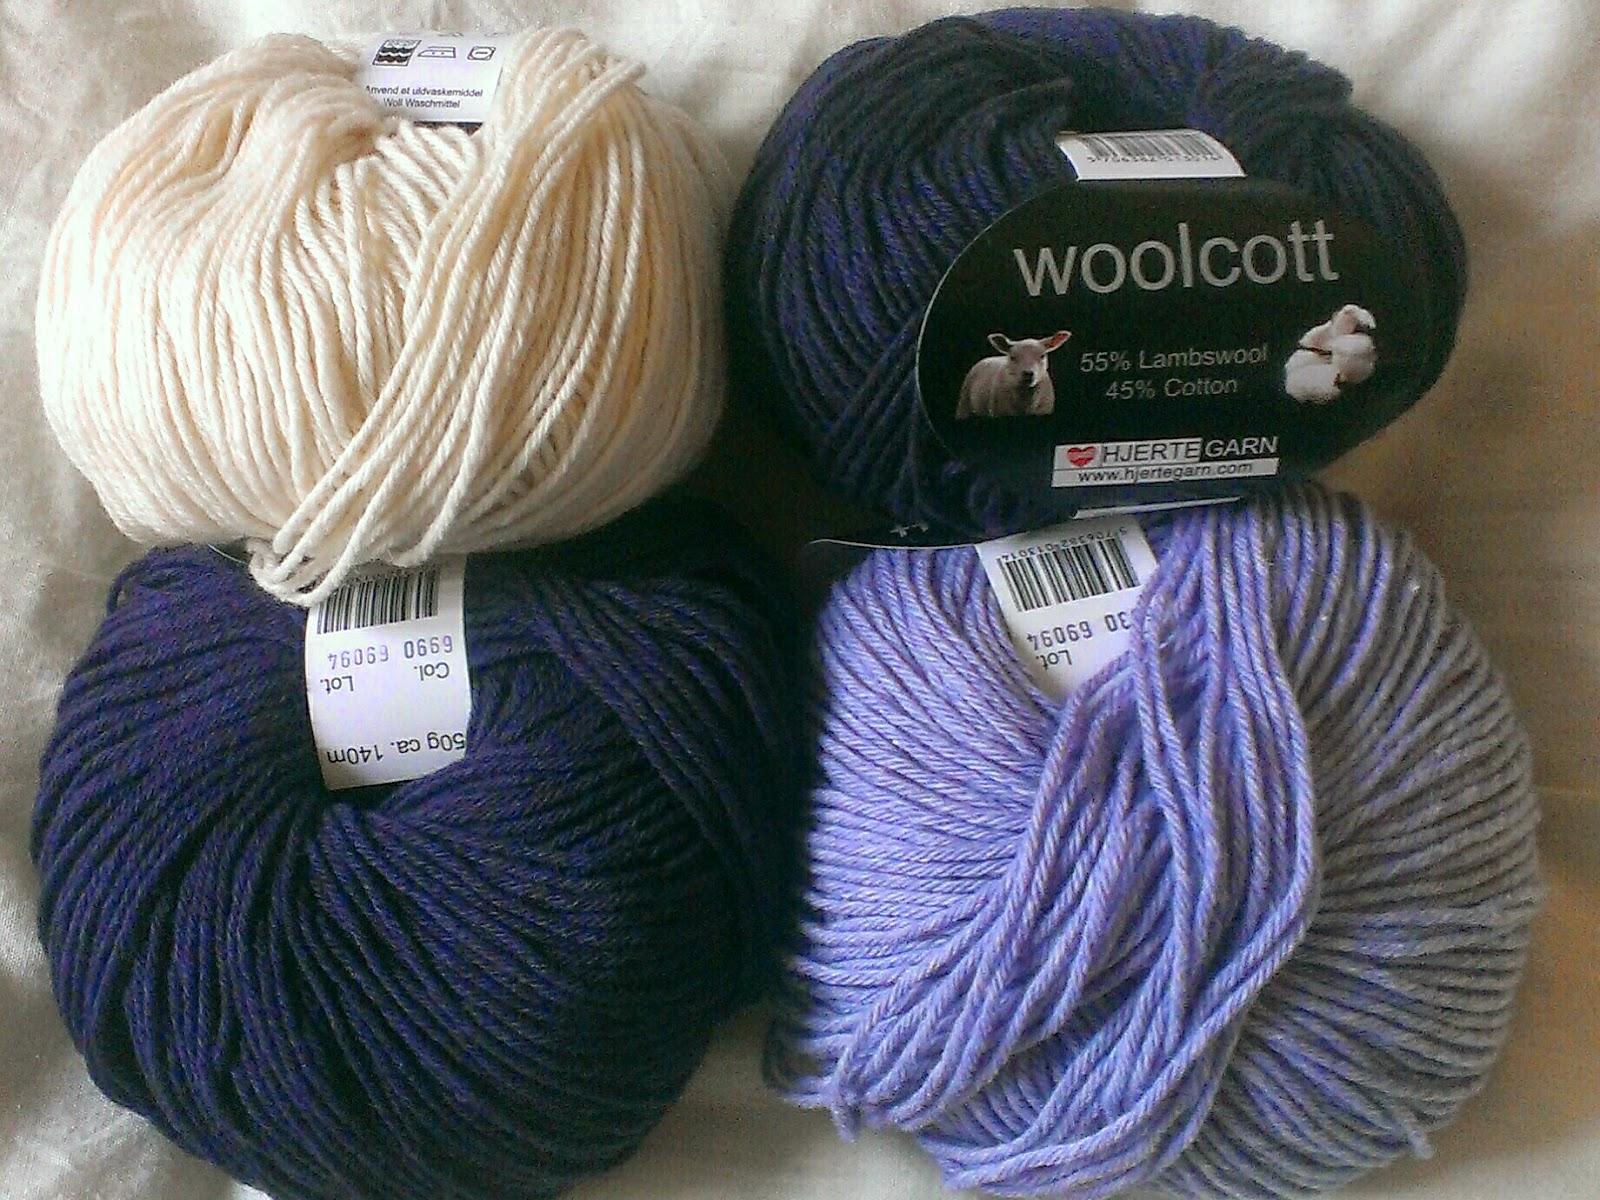 Miss Chaela Boo - Crochet jumper woolcott yarn